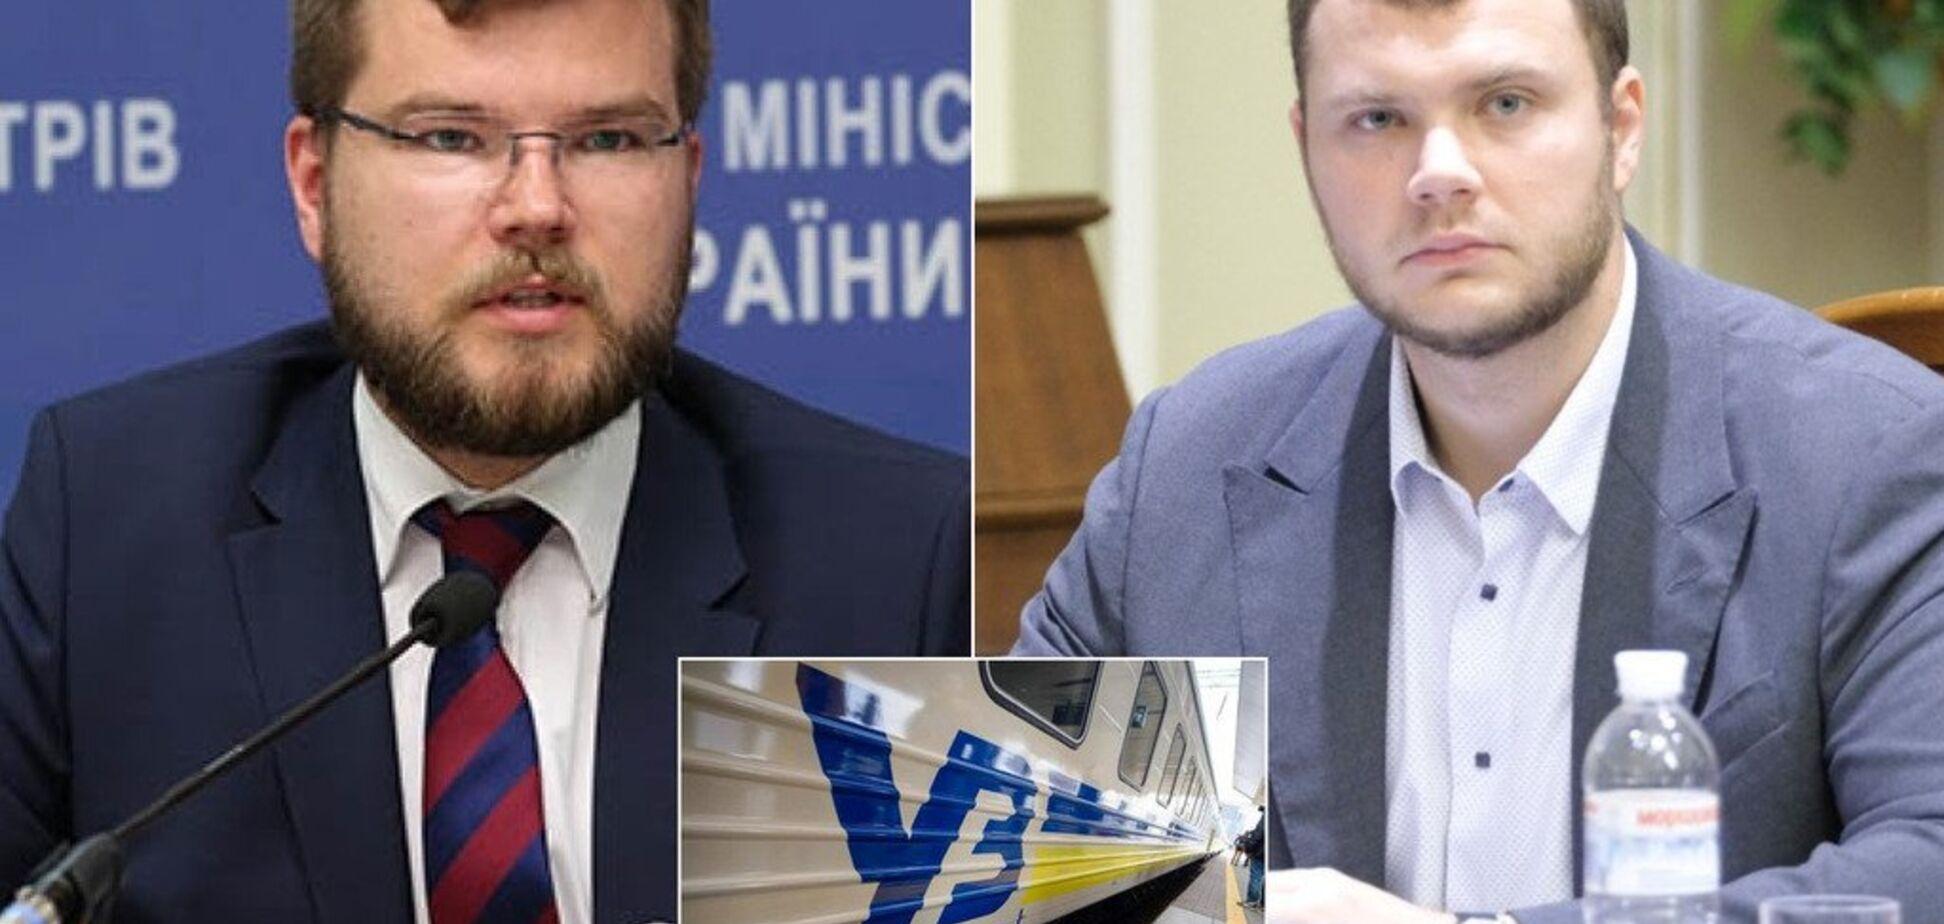 'Звільнив би зараз': скандального главу 'Укрзалізниці' позбавлять крісла й відправлять під суд